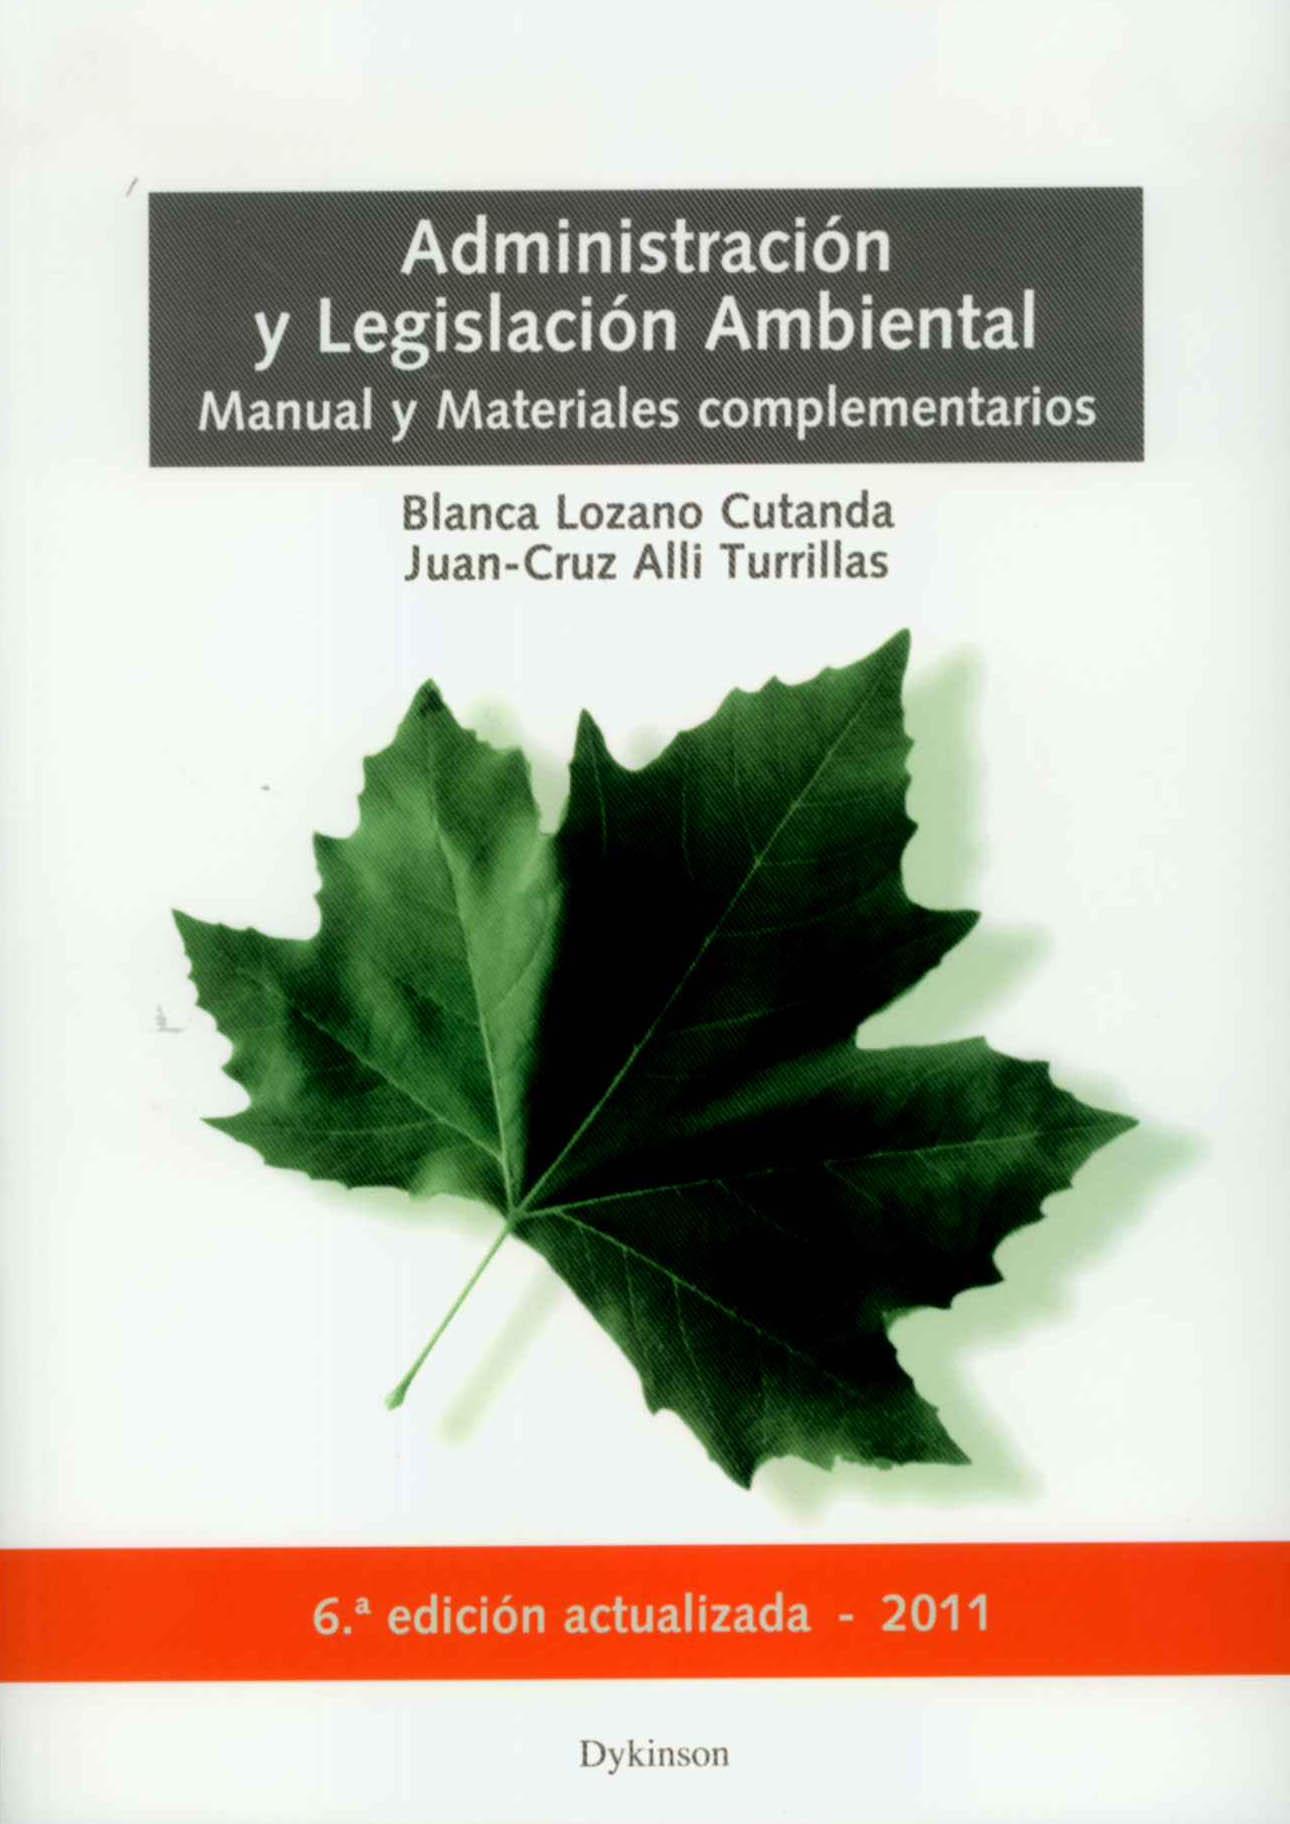 ADMINISTRACIÓN Y LEGISLACIÓN AMBIENTAL : MANUAL Y MATERIALES COMPLEMENTARIOS